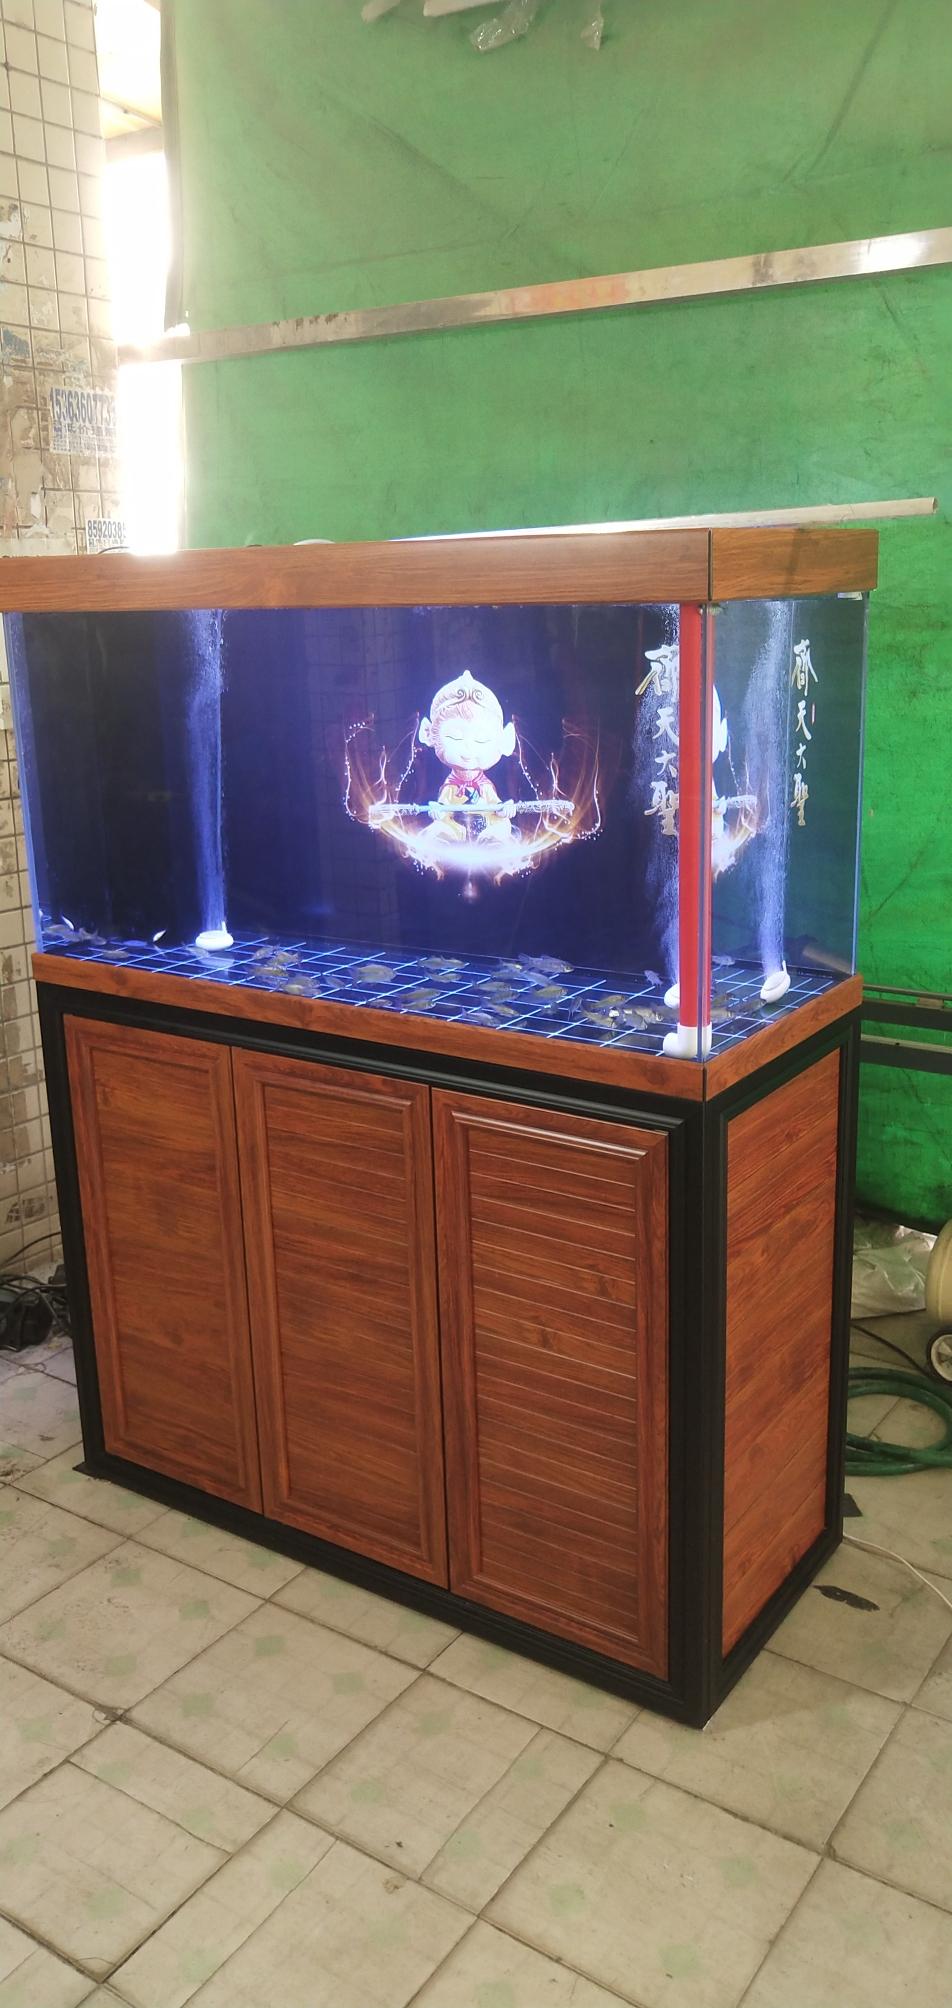 榆林印尼红龙超白缸 榆林龙鱼论坛 榆林水族批发市场第2张